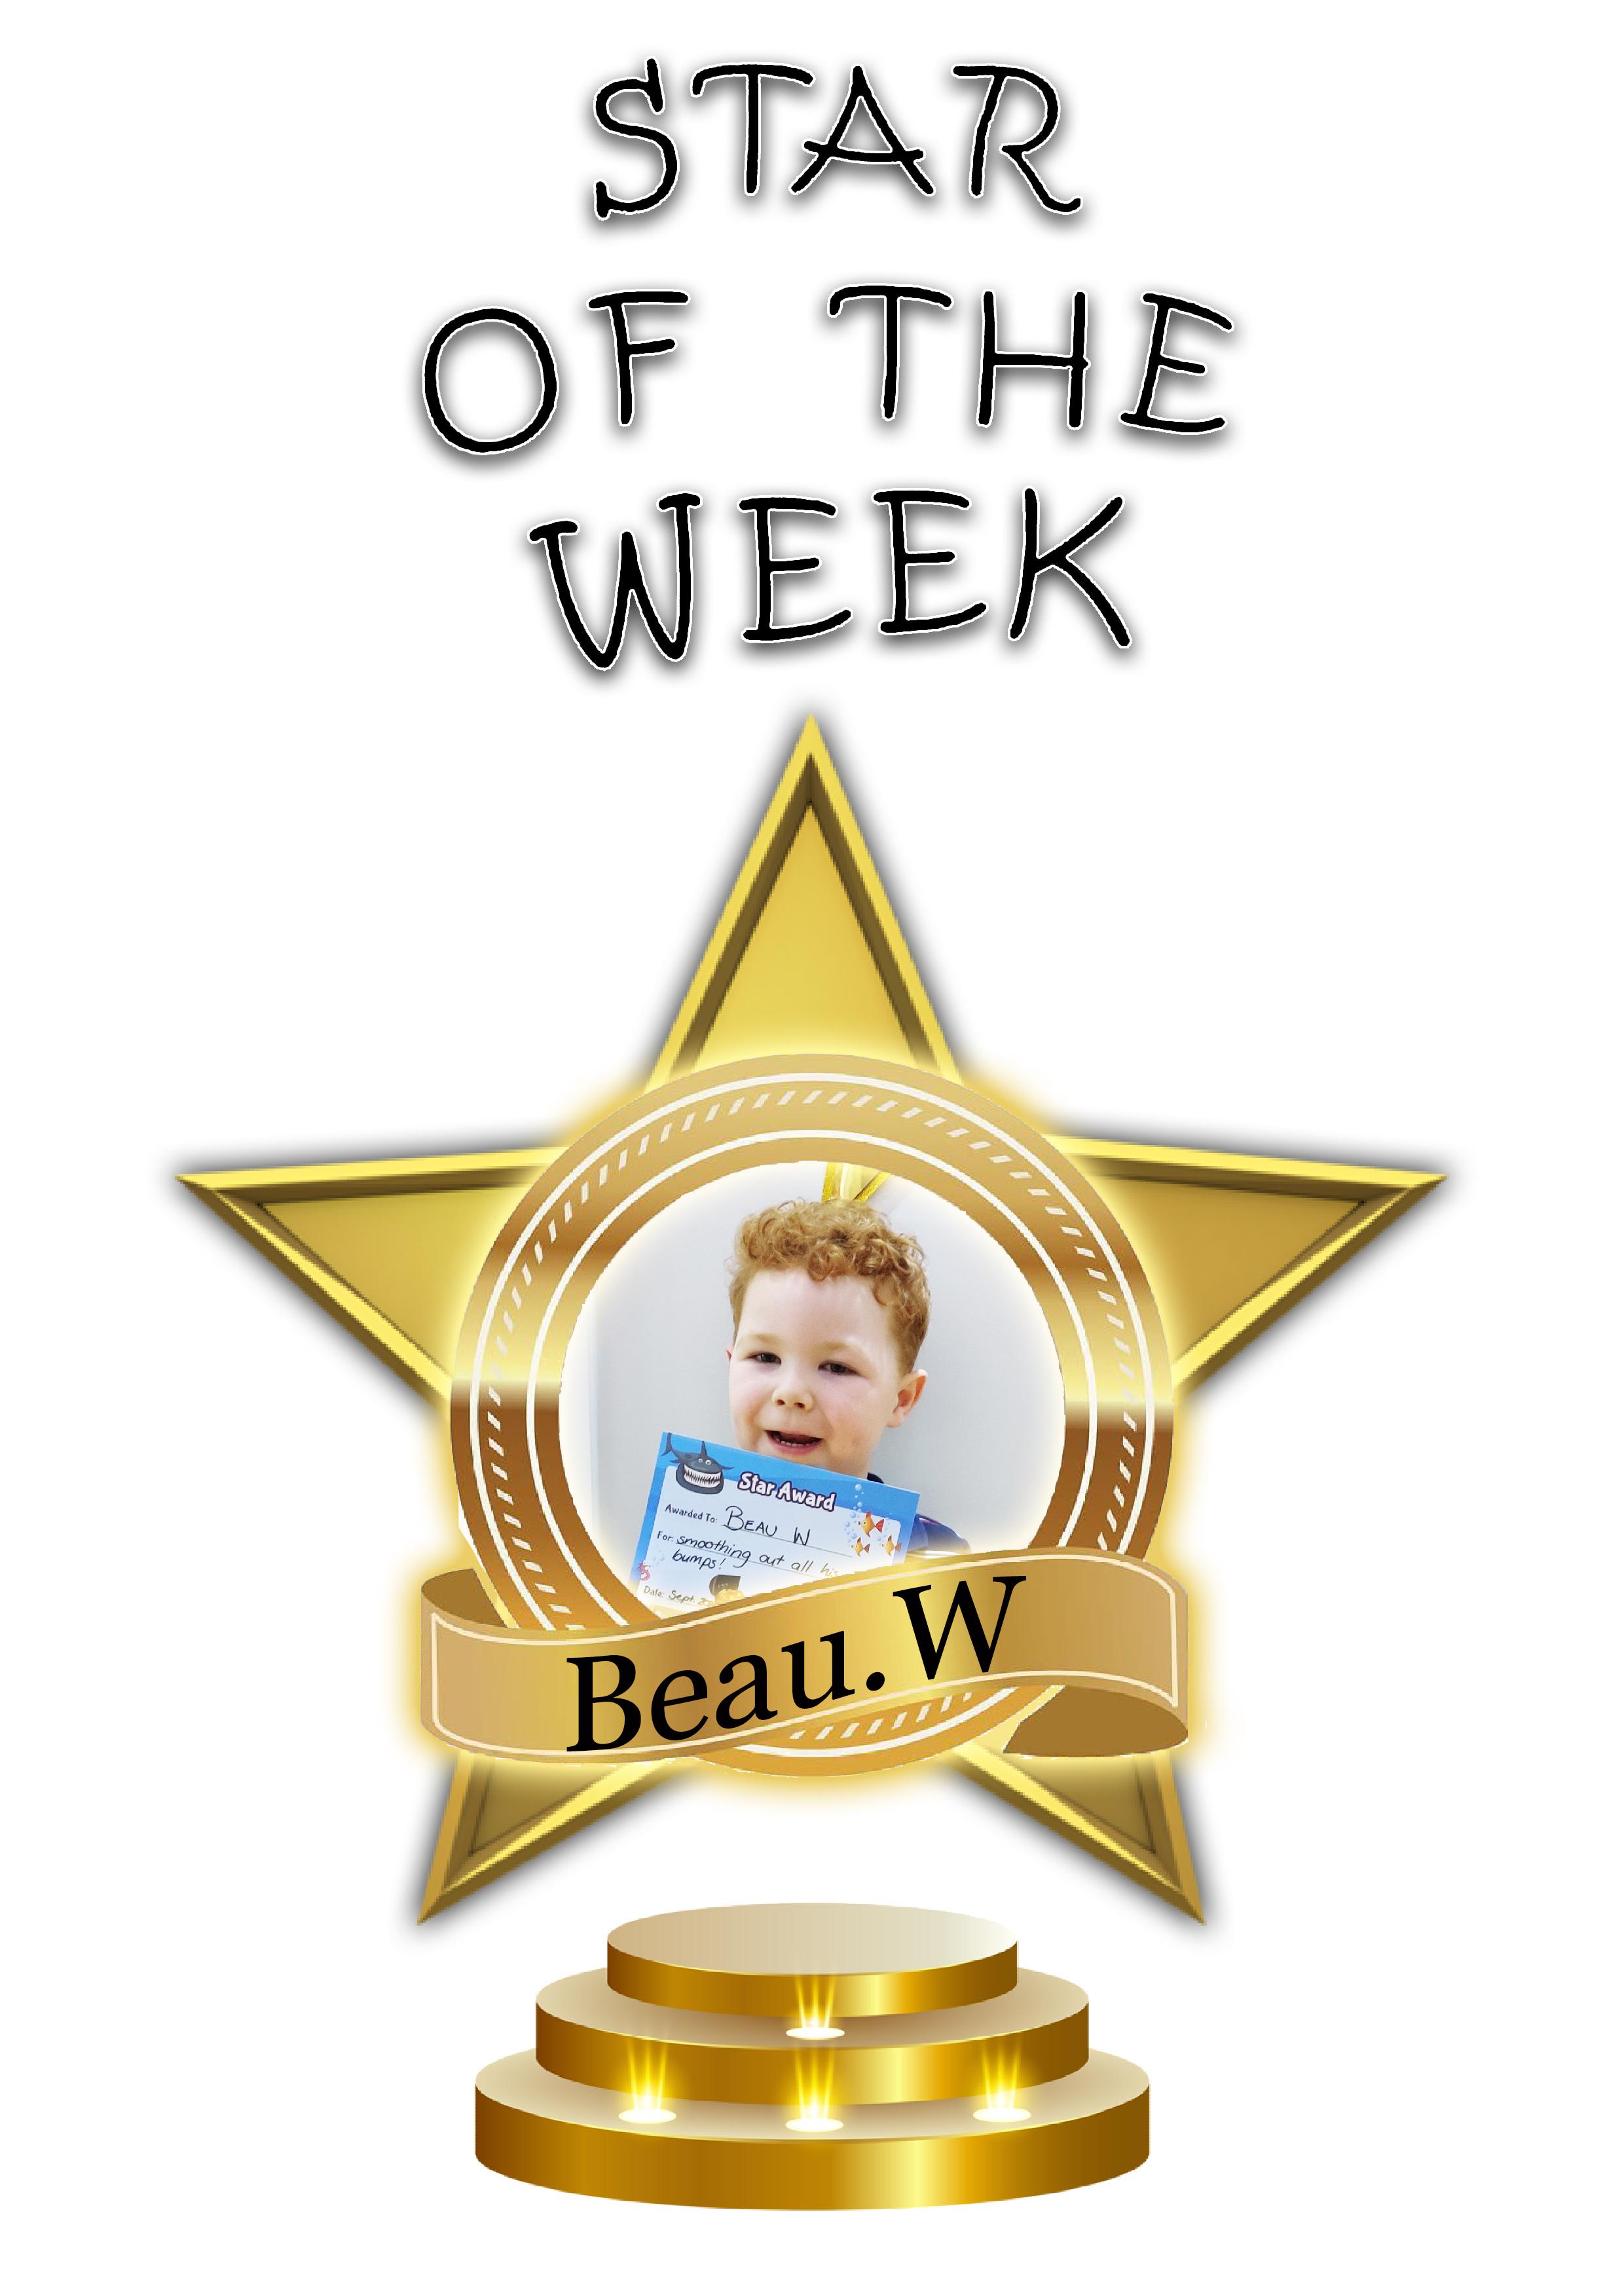 Beau.W